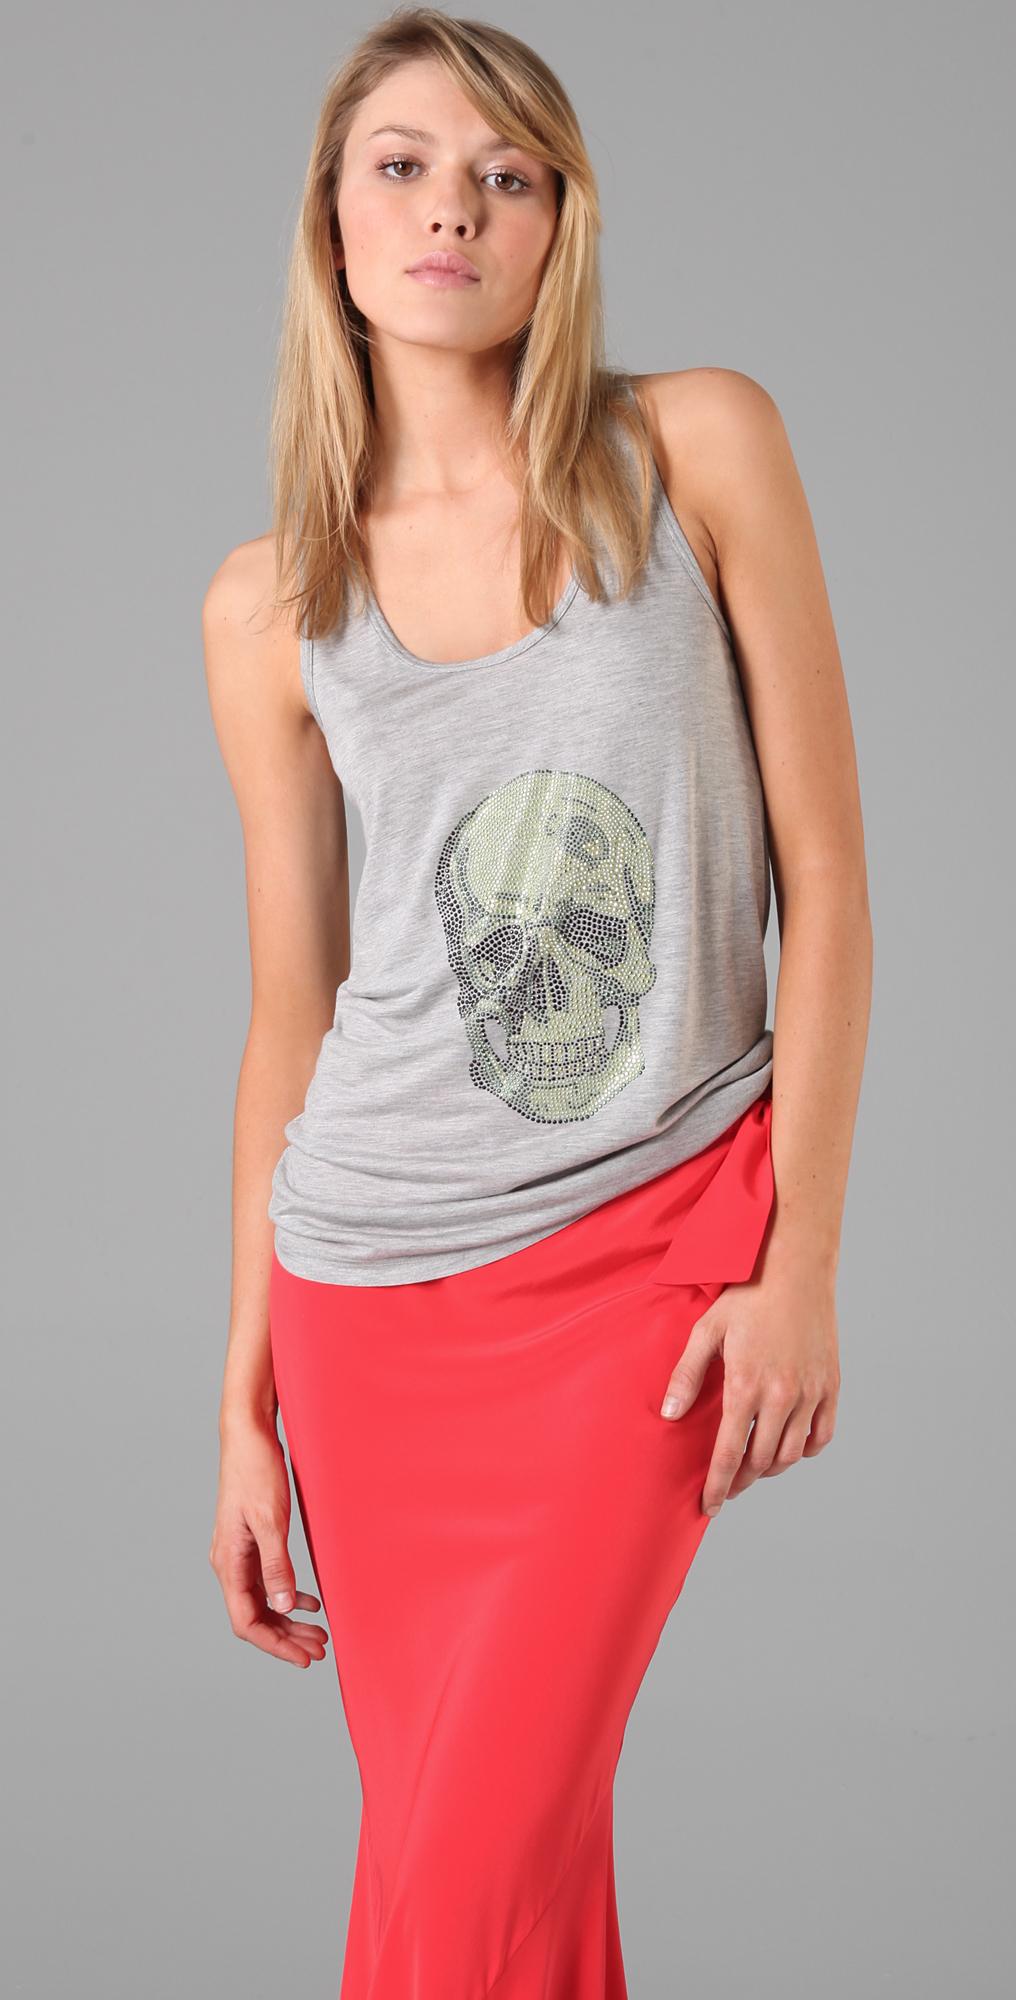 Haute Hippie Trish Tank with Rhinestone Skull